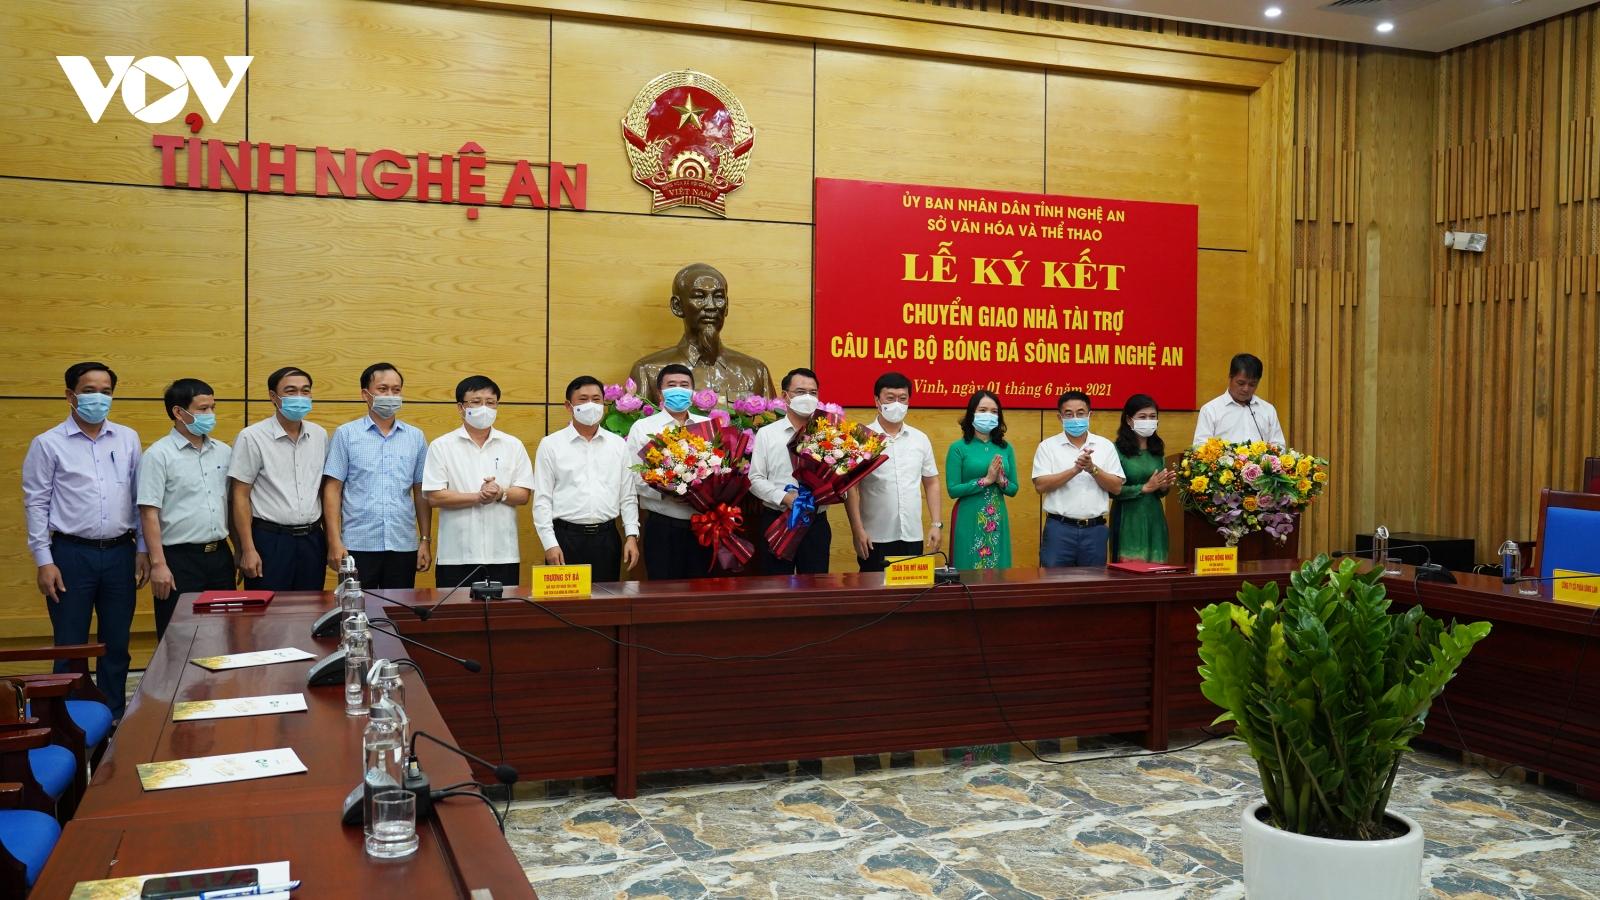 CHÍNH THỨC: SLNA đón nhà tài trợ mới, giữ nguyên tên gọi và bản sắc đội bóng xứ Nghệ